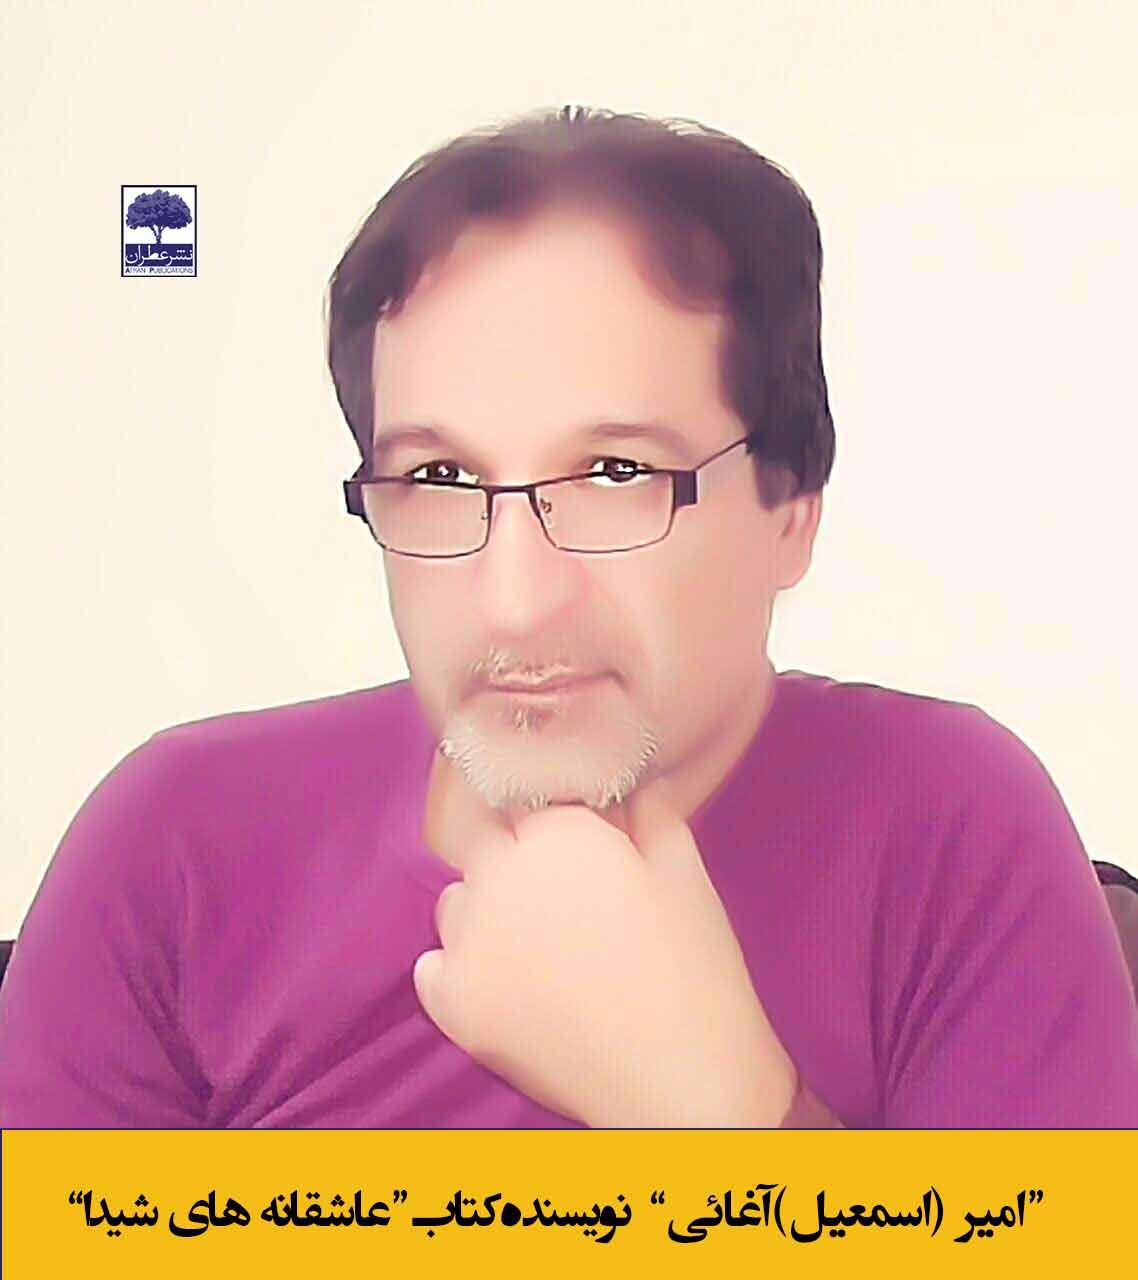 امیر-اسمعیل-اغائی-نویسنده-کتاب-عاشقانه-های-شیدا-انتشارات-عطران2